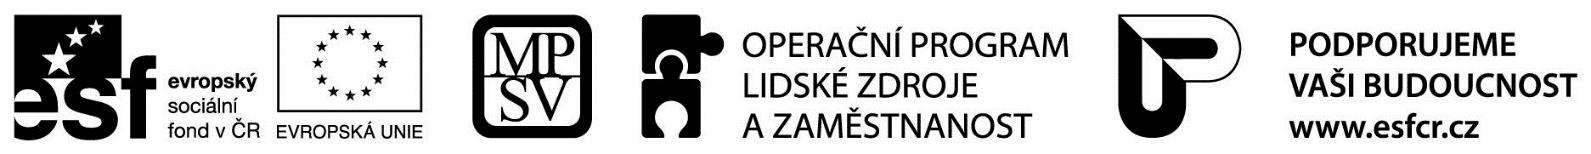 Logo publicita